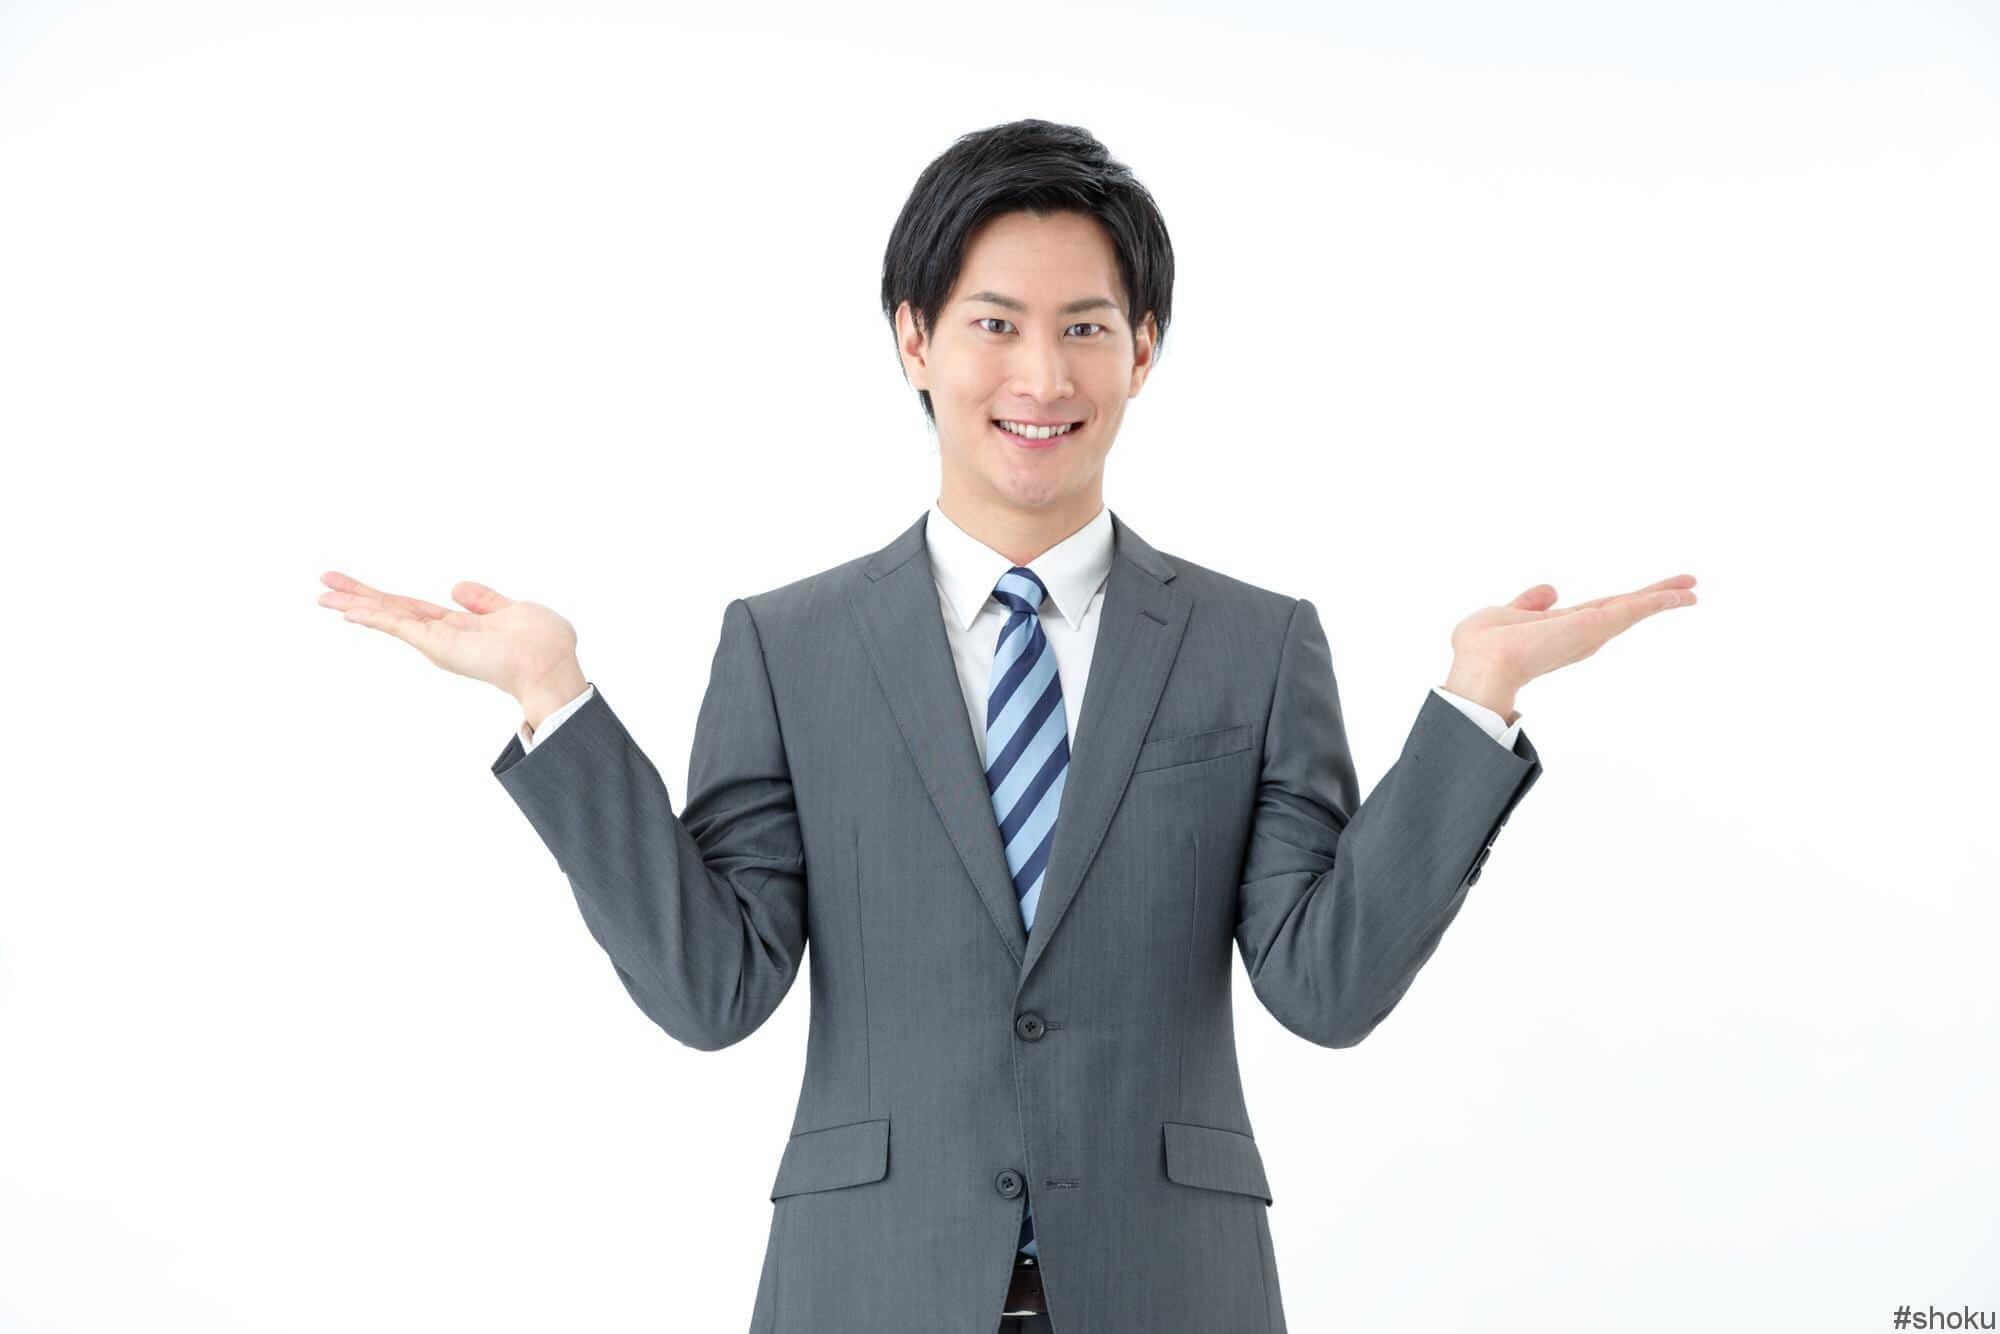 【職種別】求人件数比較ランキング!!